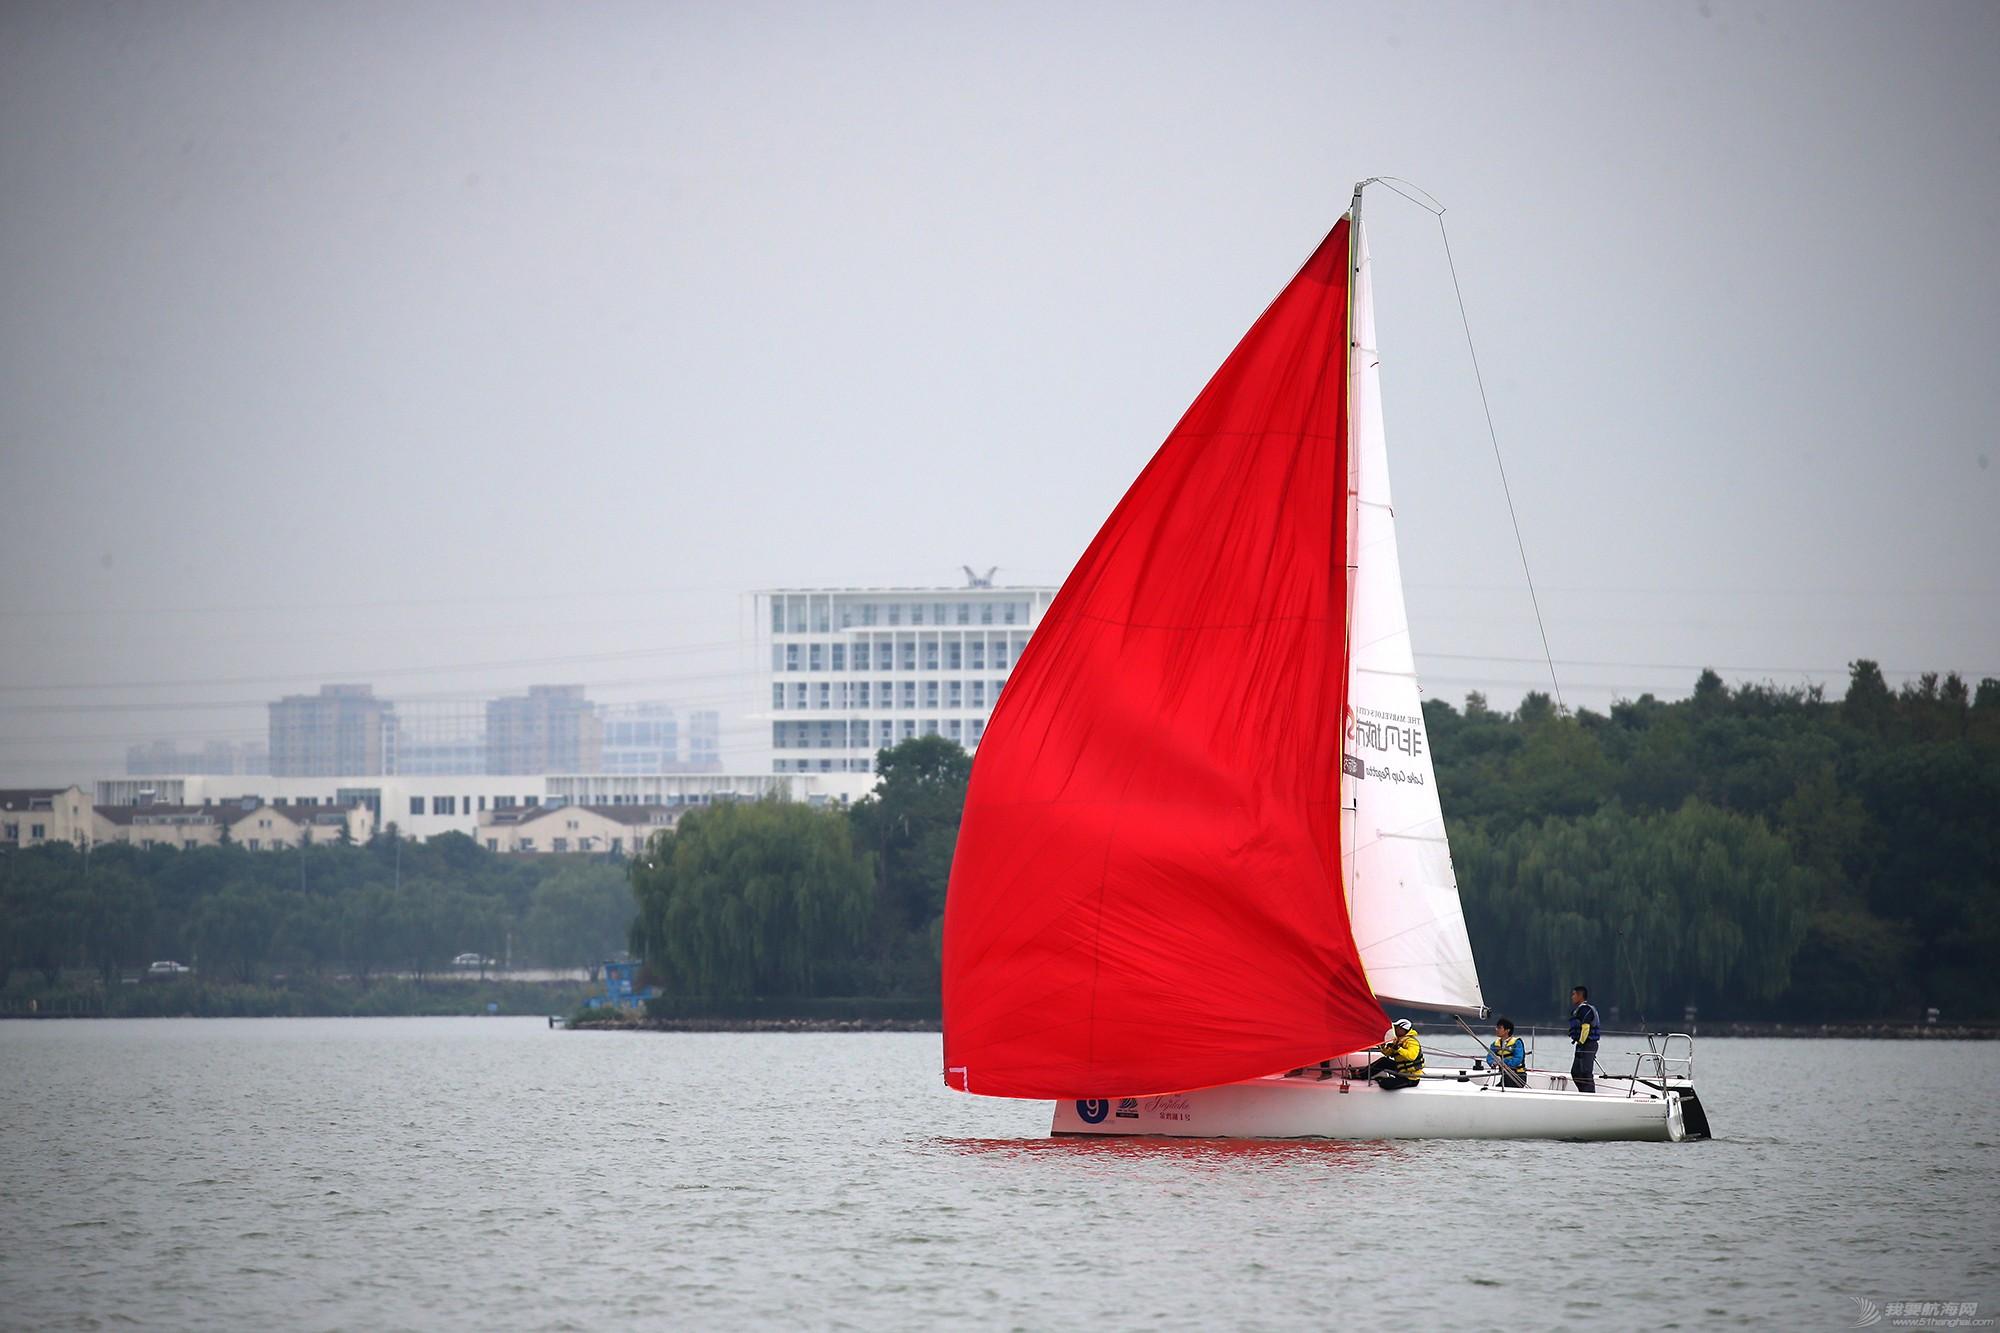 帆船,空间 帆船是灰度空间里跳动的彩色音符 E78W8563.JPG